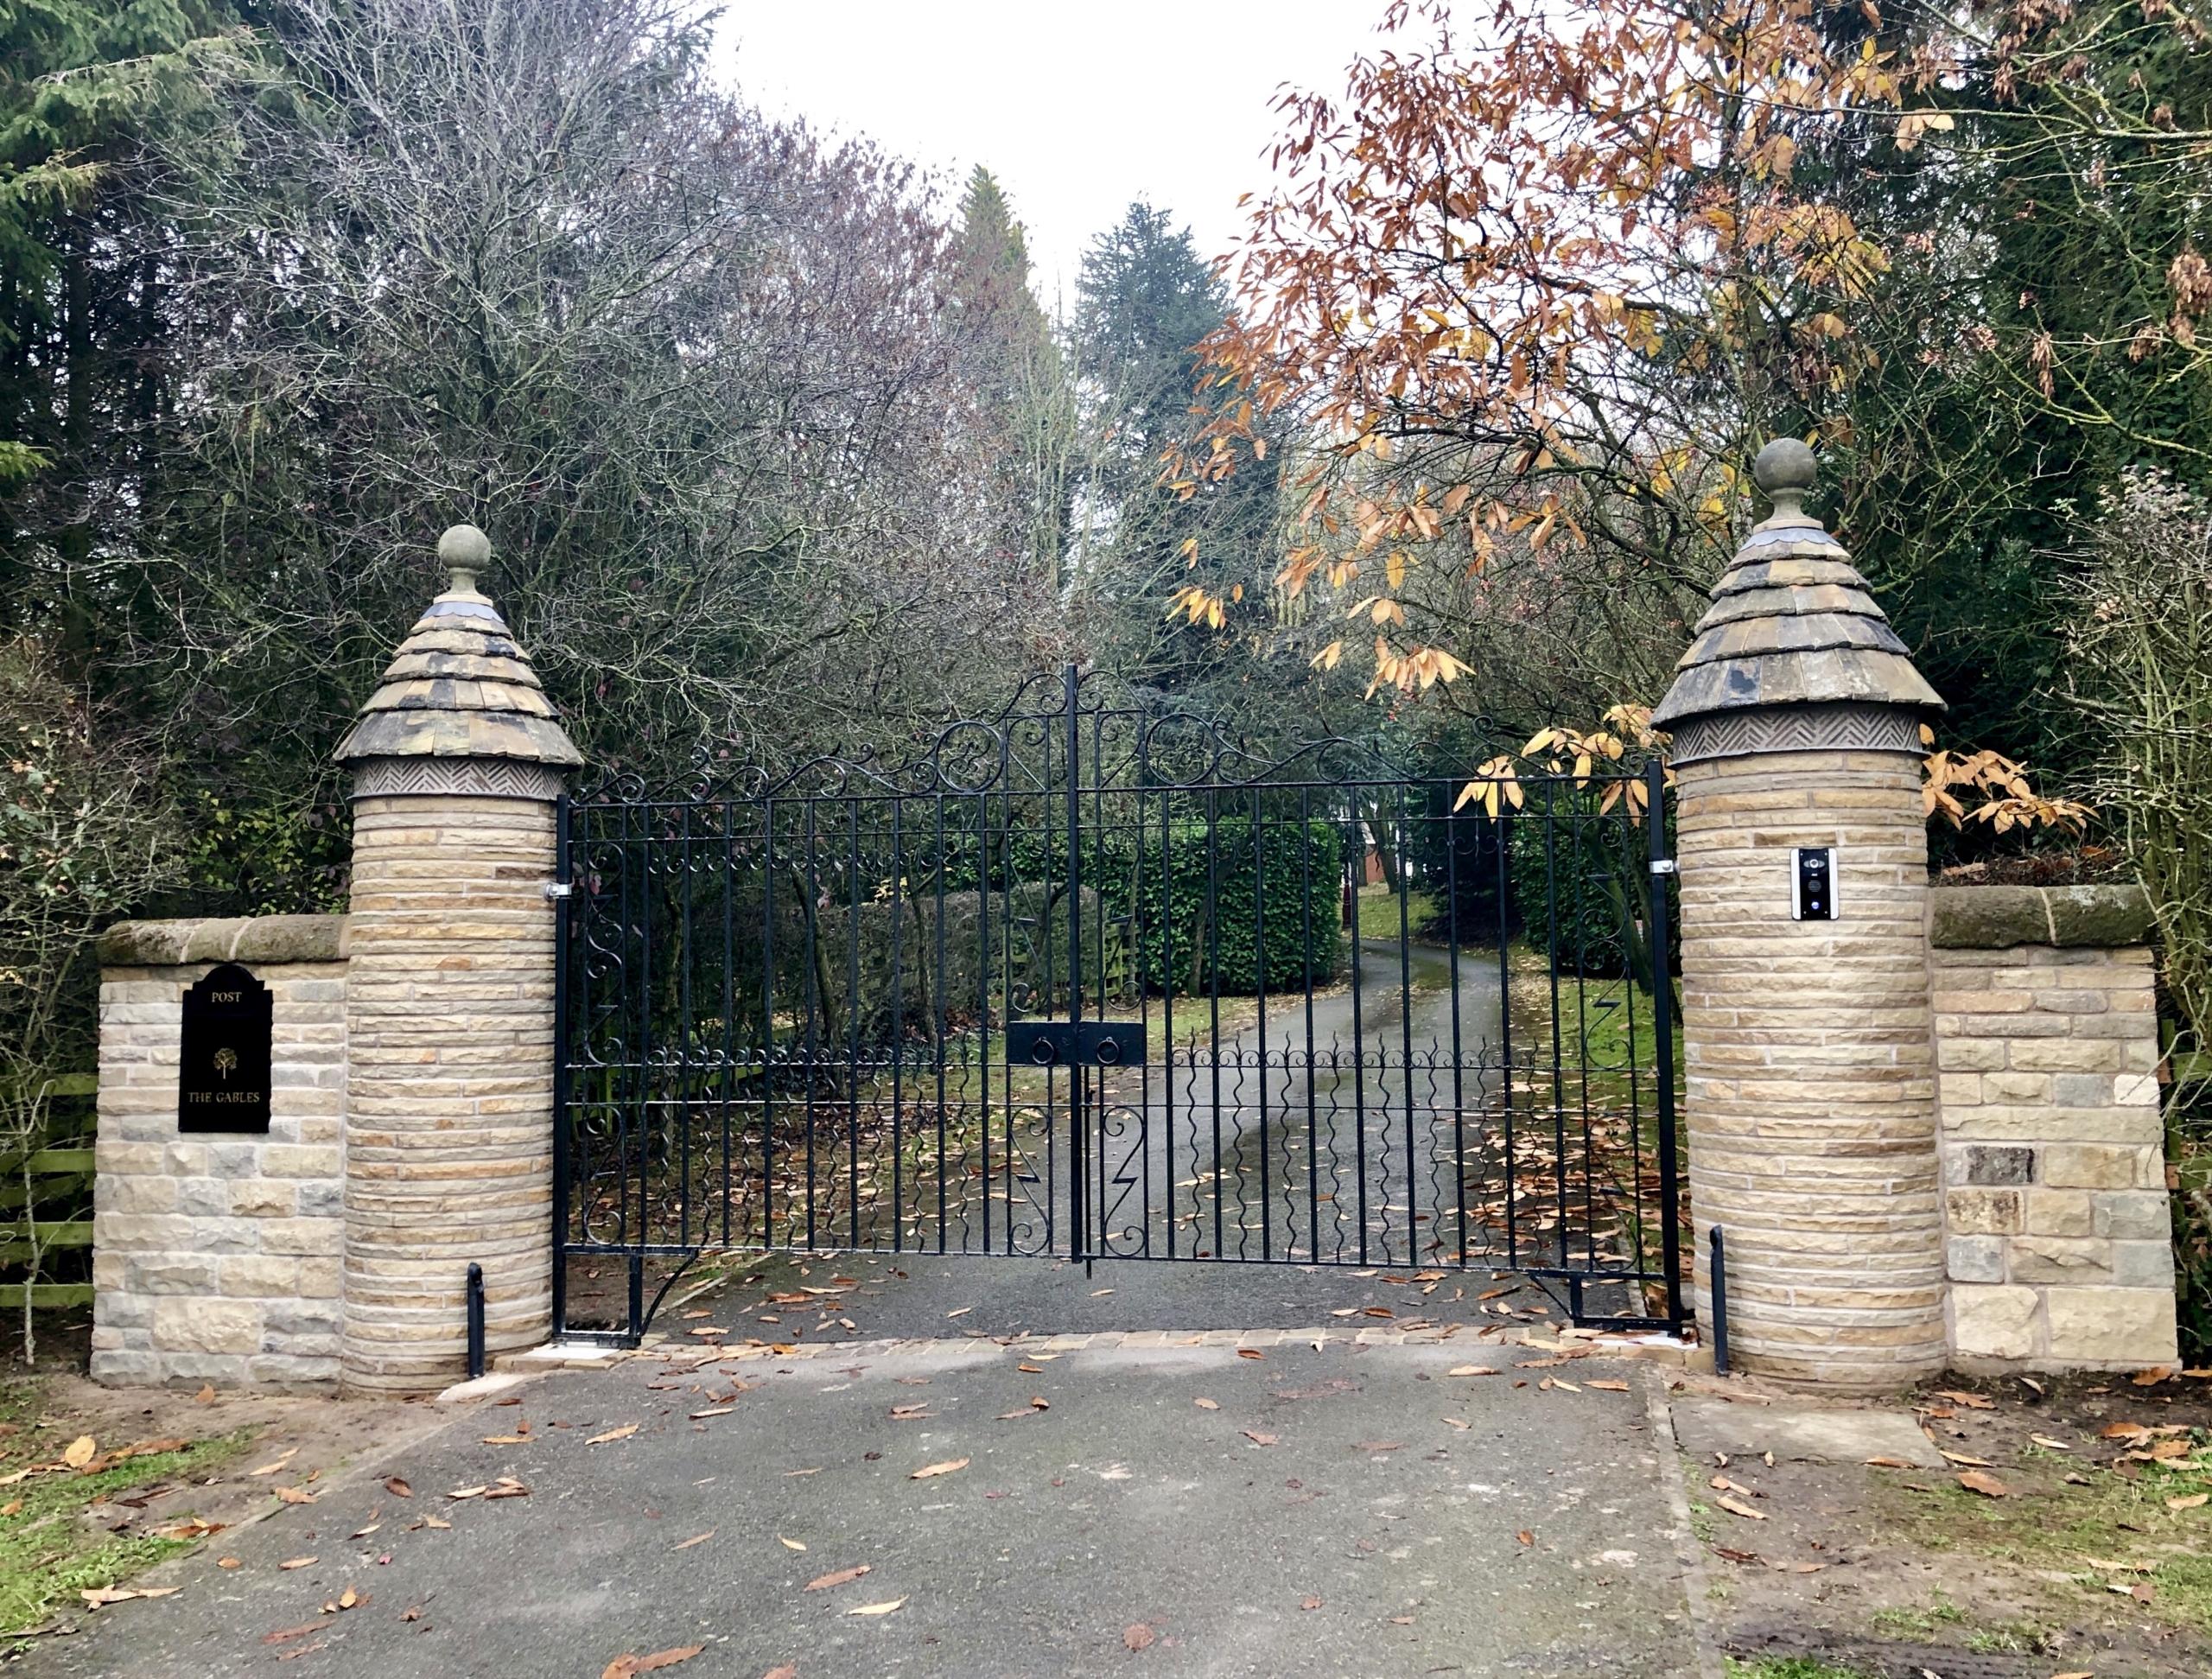 Unique gate posts!